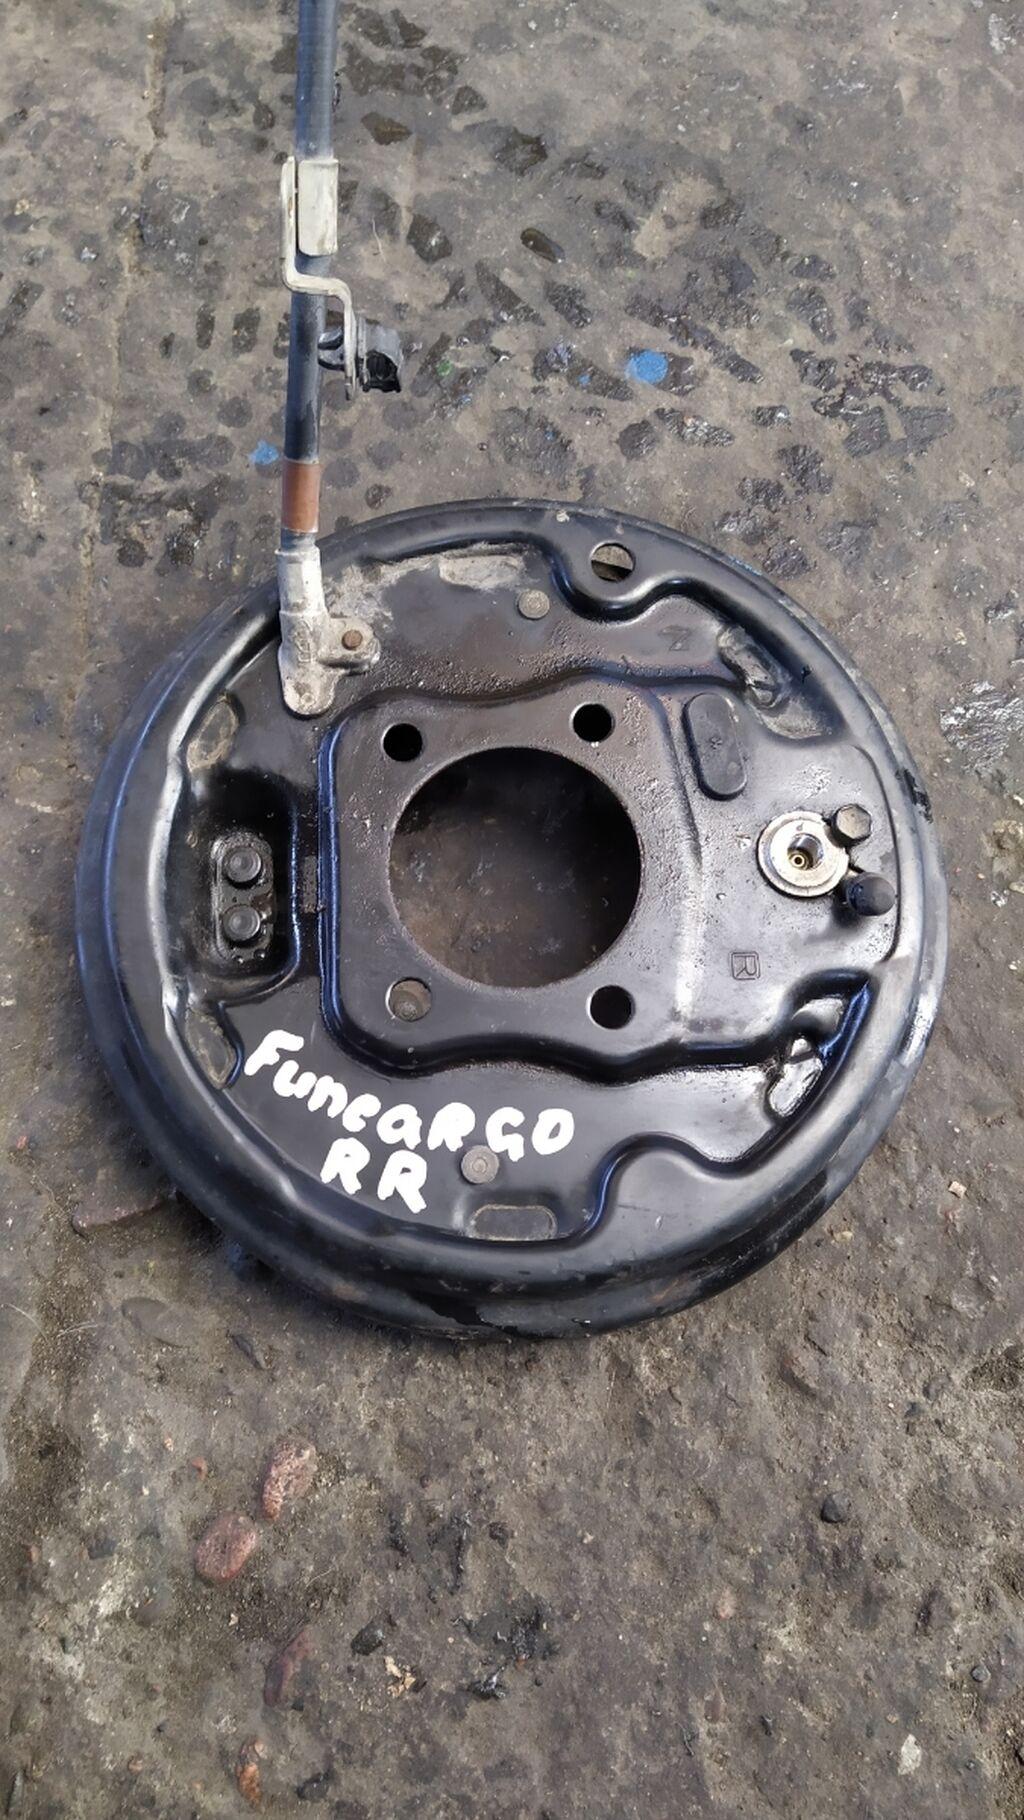 Toyota Funcargo колодки ручника, Тойота Фанкарго механизм заднего: Toyota Funcargo колодки ручника, Тойота Фанкарго механизм заднего